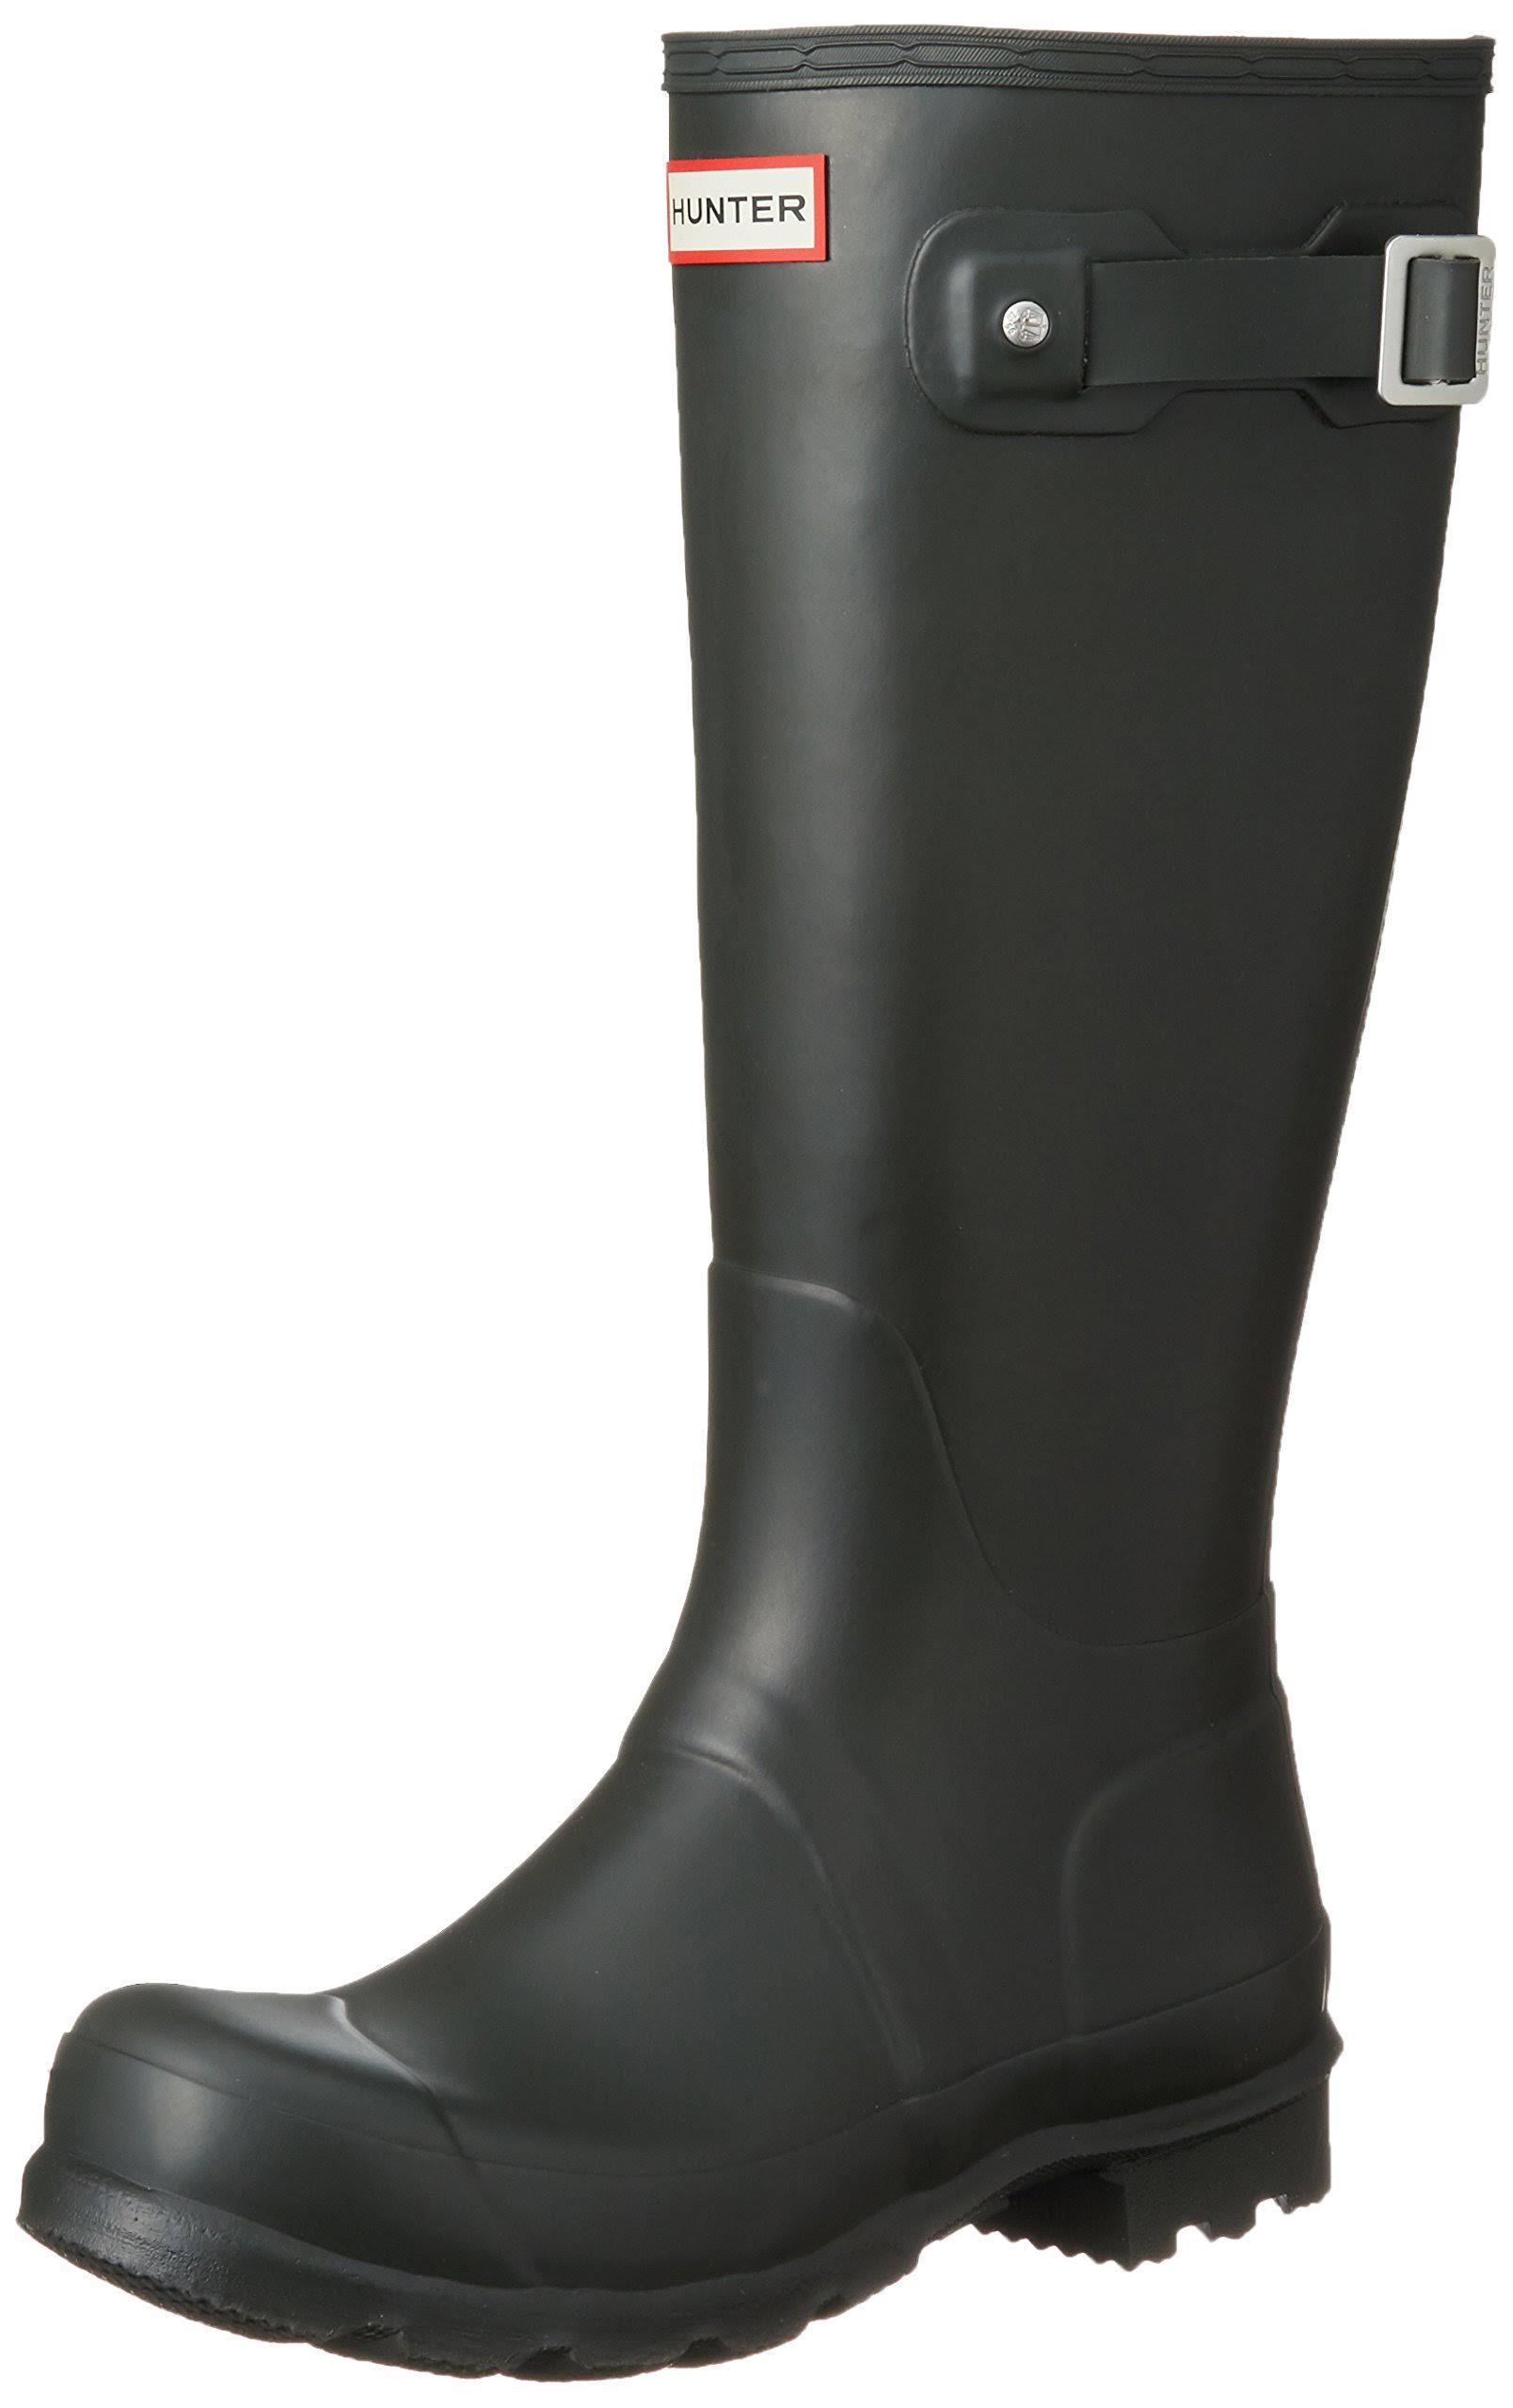 alti Hunteroliva pioggia Stivali originali scura da da uomo tCrQdsh